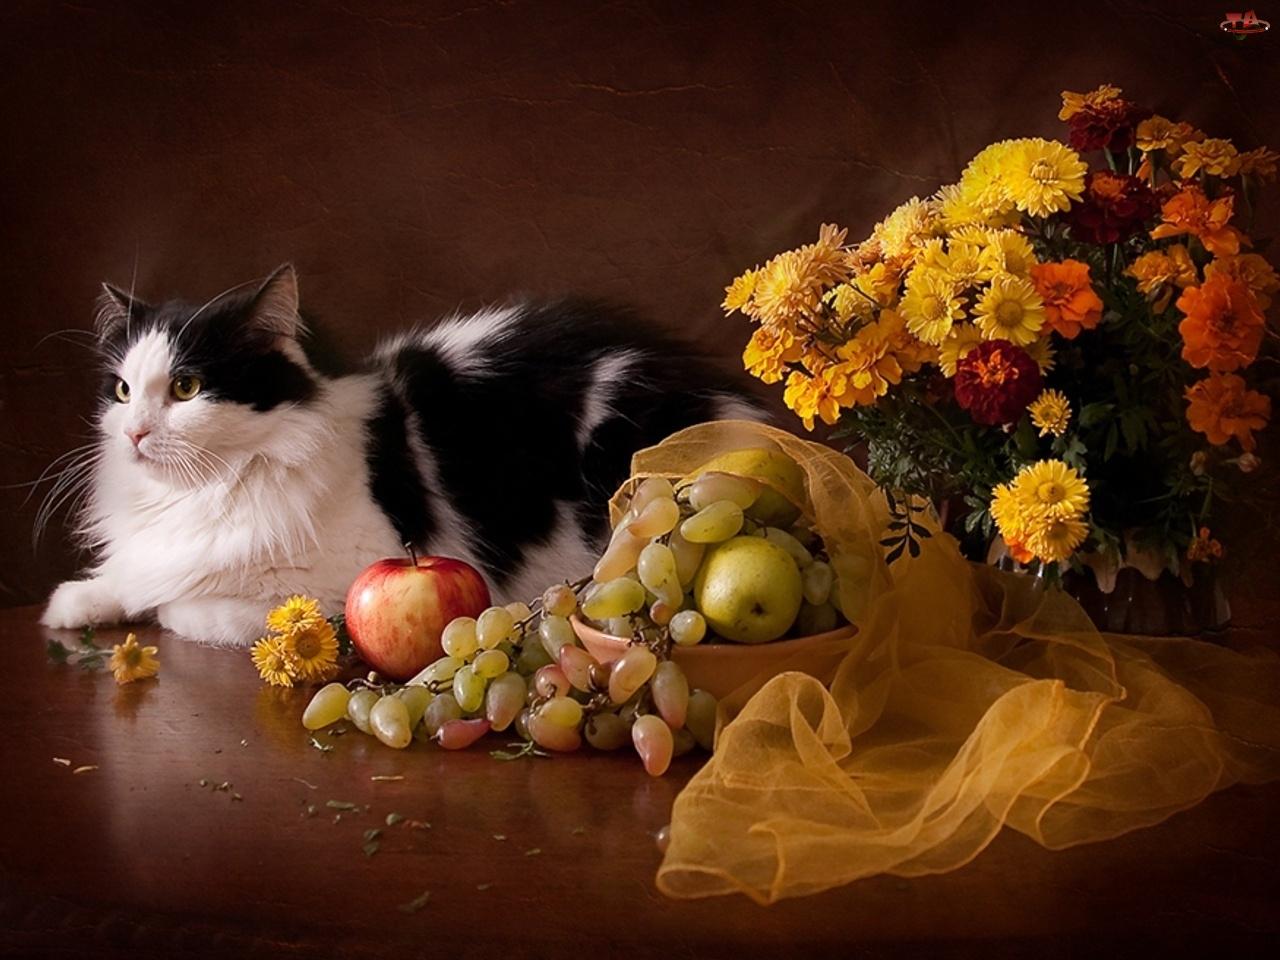 Tkanina, Kot, Kwiatów, Bukiet, Owoce